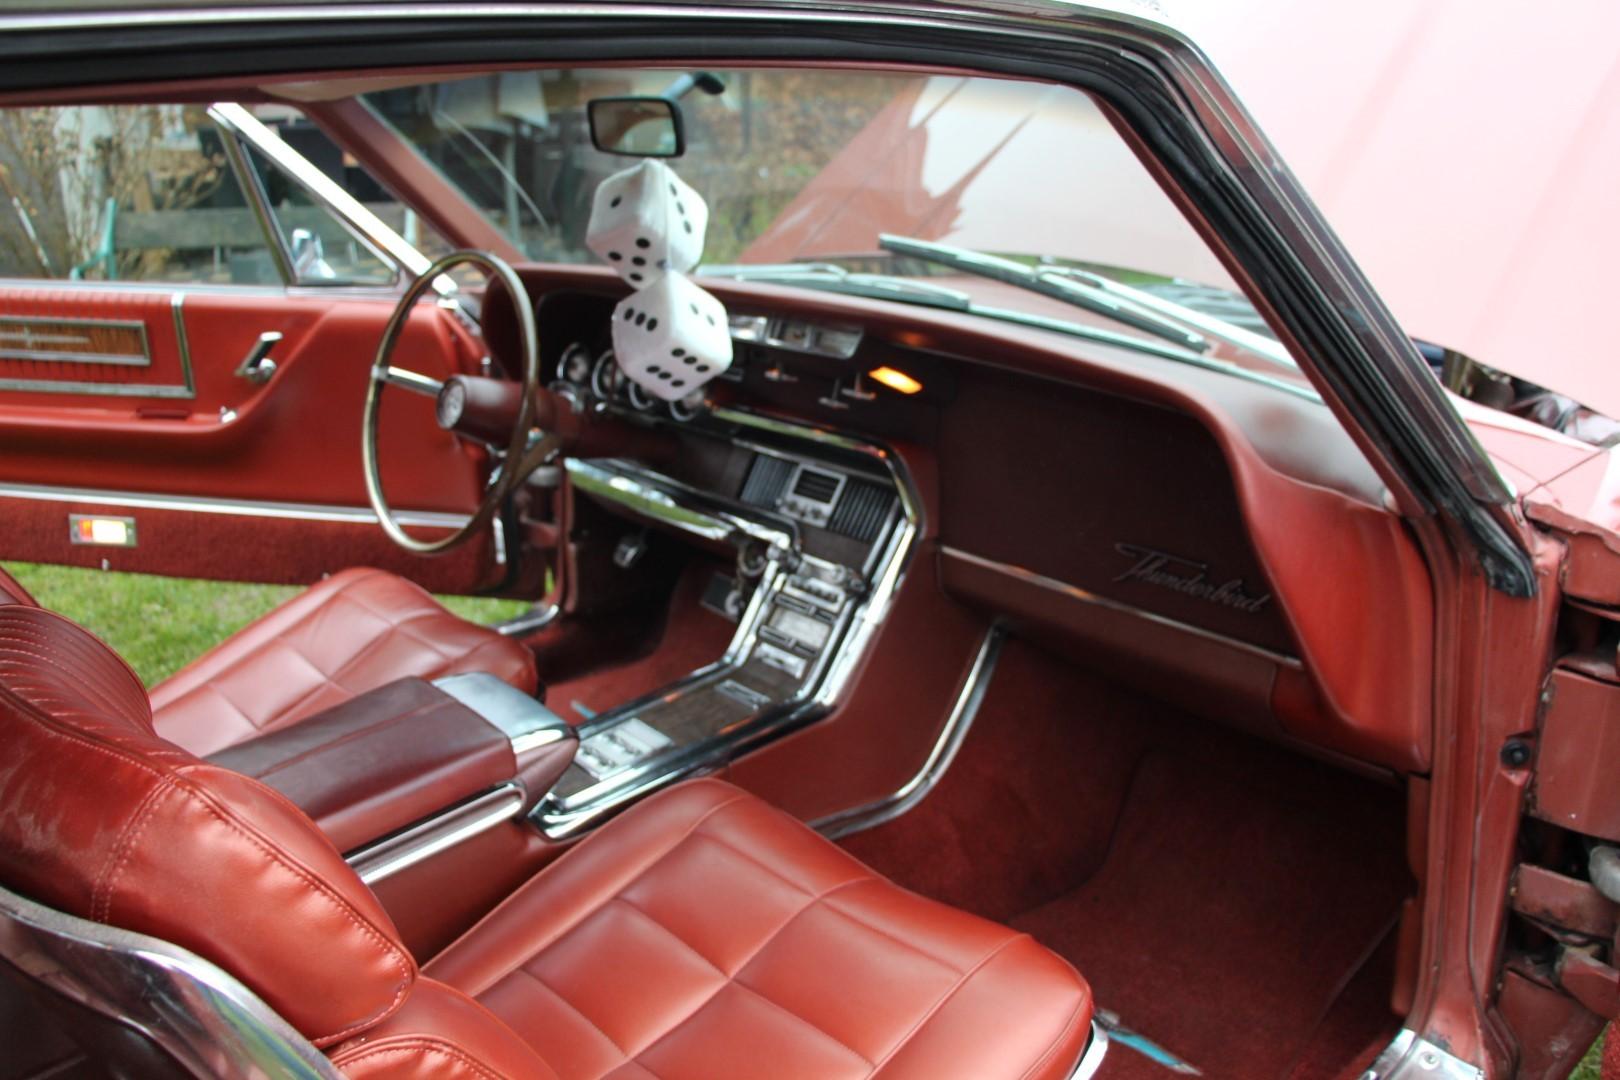 1966 Ford Thunderbird Town Landau 428 - emberglow (6)